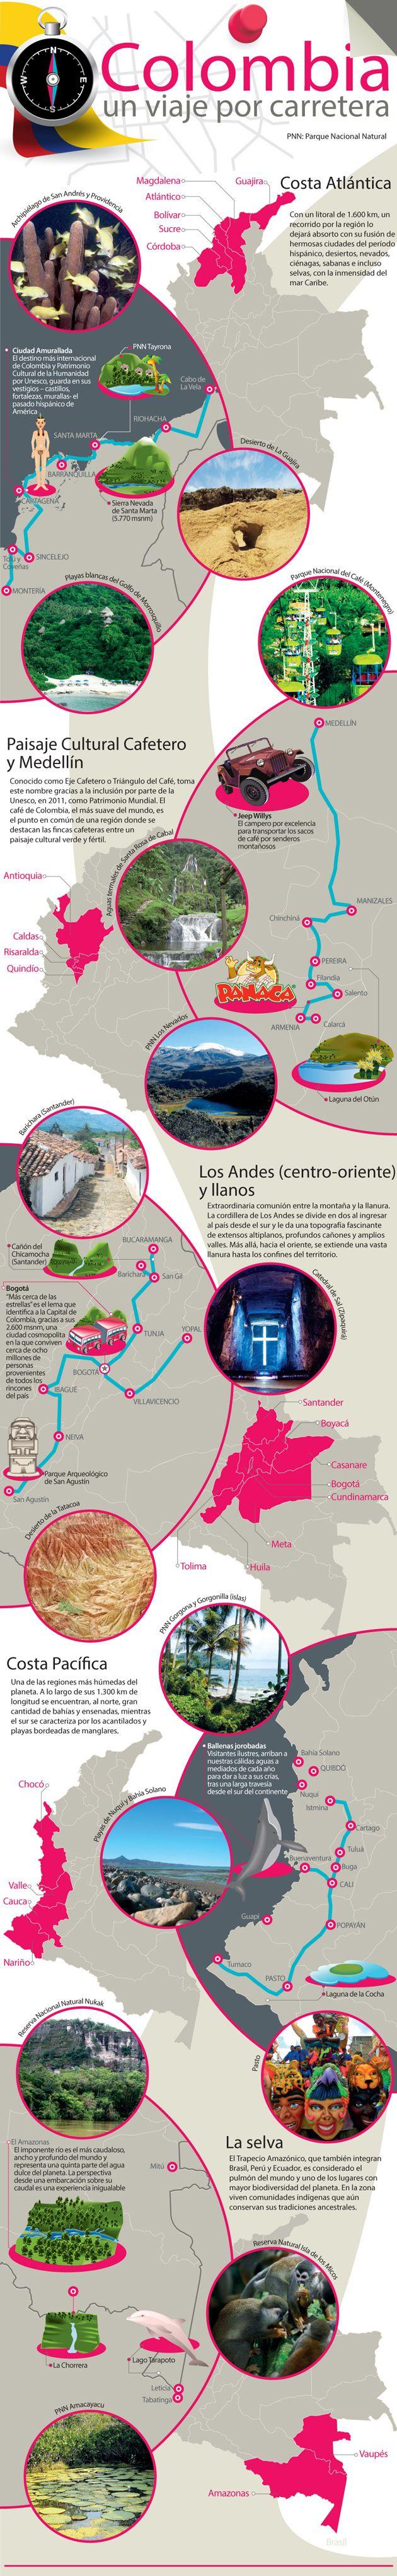 Hola: Una infografía sobre Rutas por carretera en Colombia.